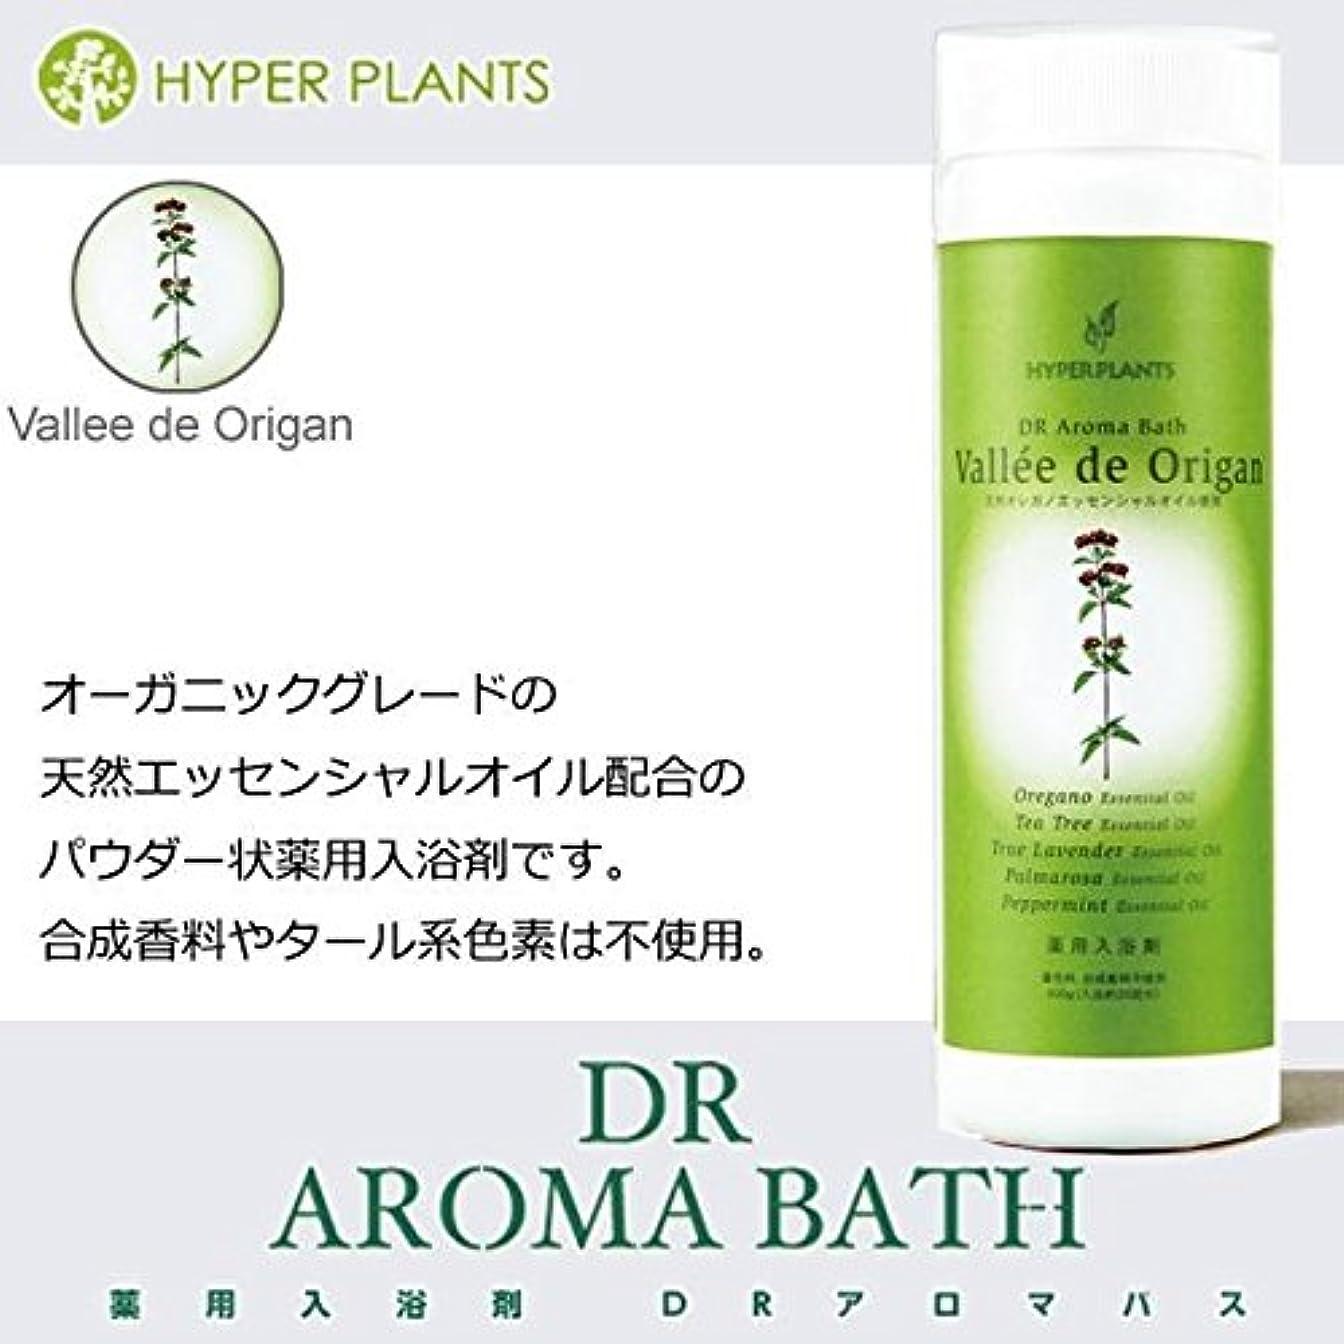 安心させる時間厳守争い医薬部外品 薬用入浴剤 ハイパープランツ(HYPER PLANTS) DRアロマバス ヴァレドオリガン 500g HN0218